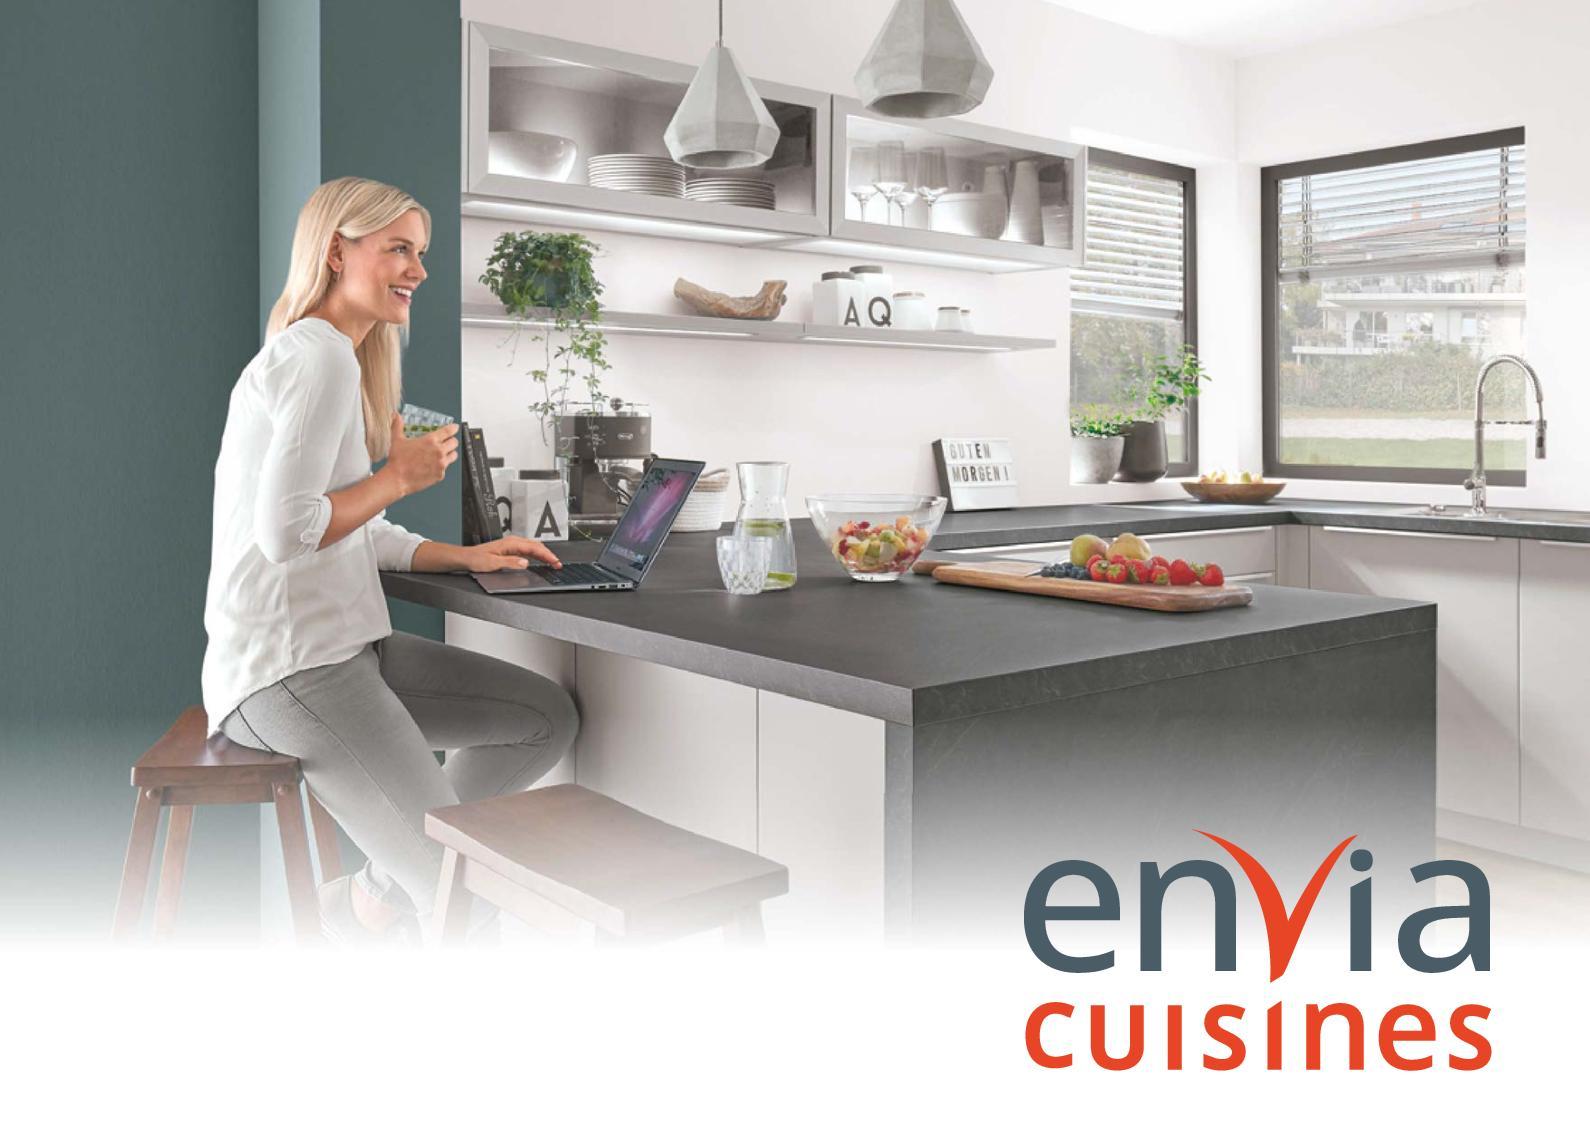 Envia Cuisine Fleury Les Aubrais calaméo - envia cuisines catalogue 2020